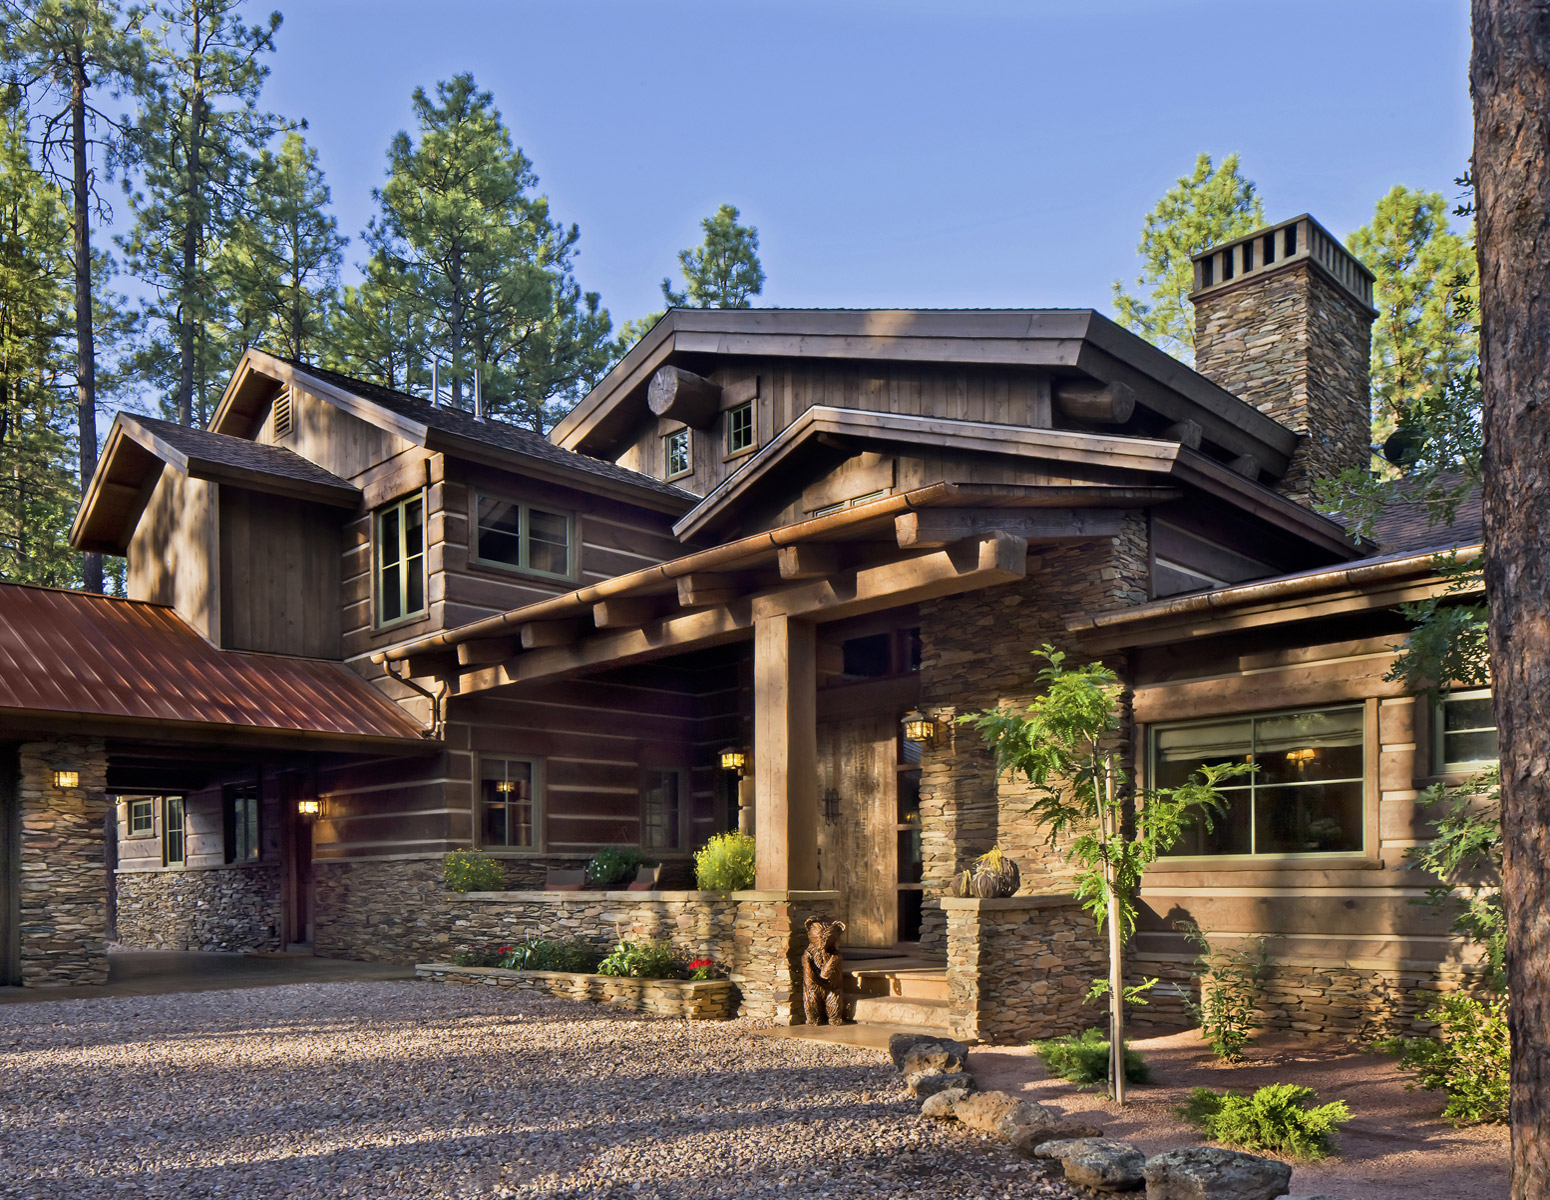 Groovy Mountain Home Design Ideas Edepremcom Lodge Style House Plans Inspirational Interior Design Netriciaus